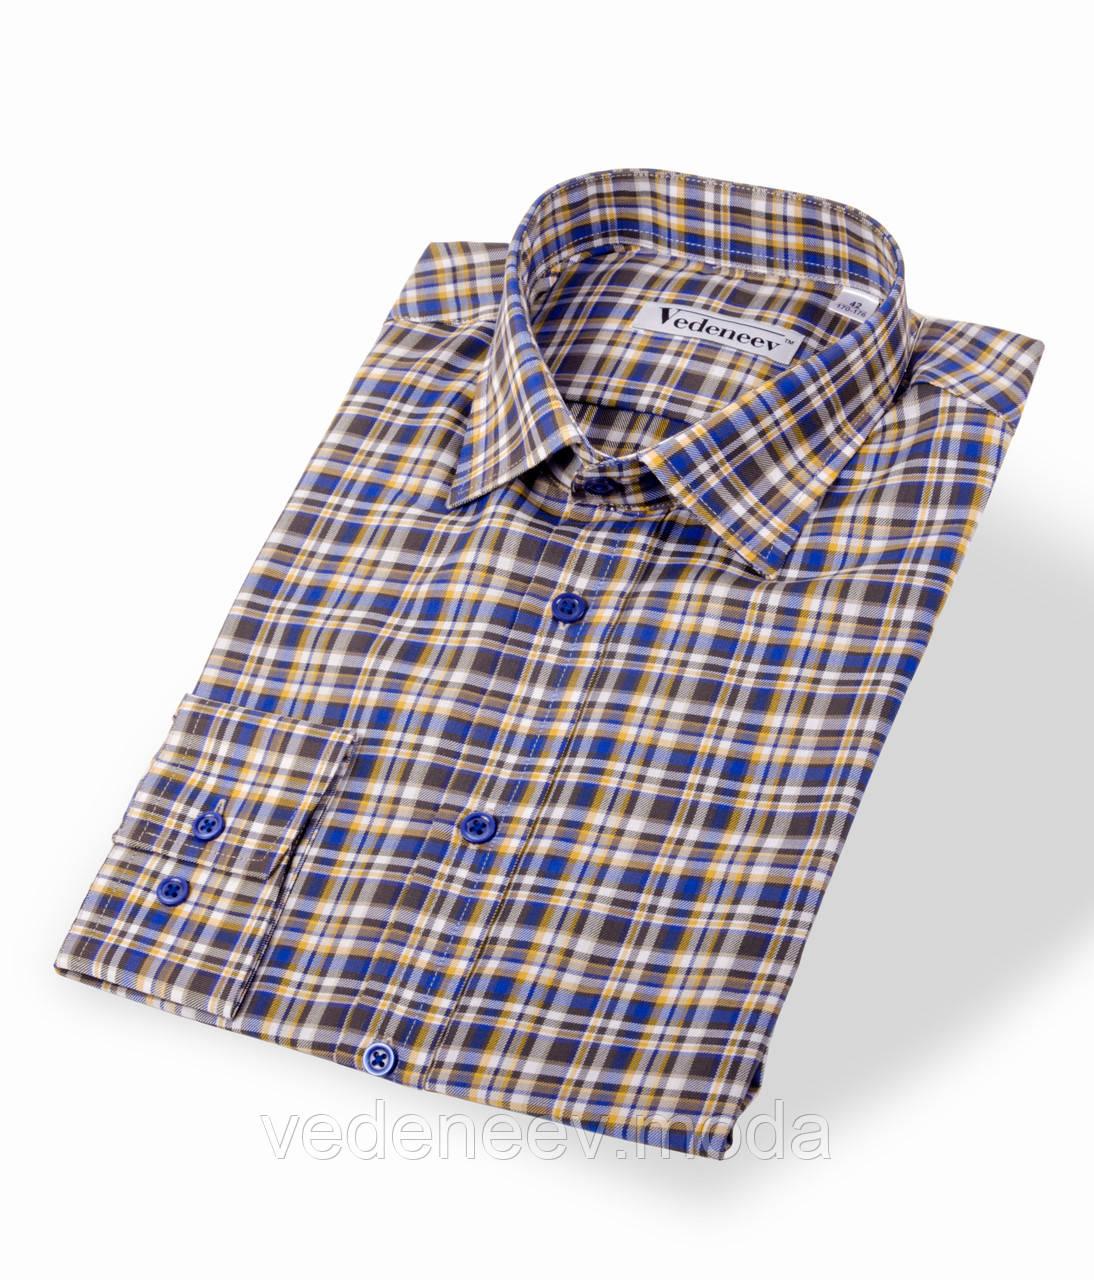 Мужская рубашка в серо-бежевую клетку